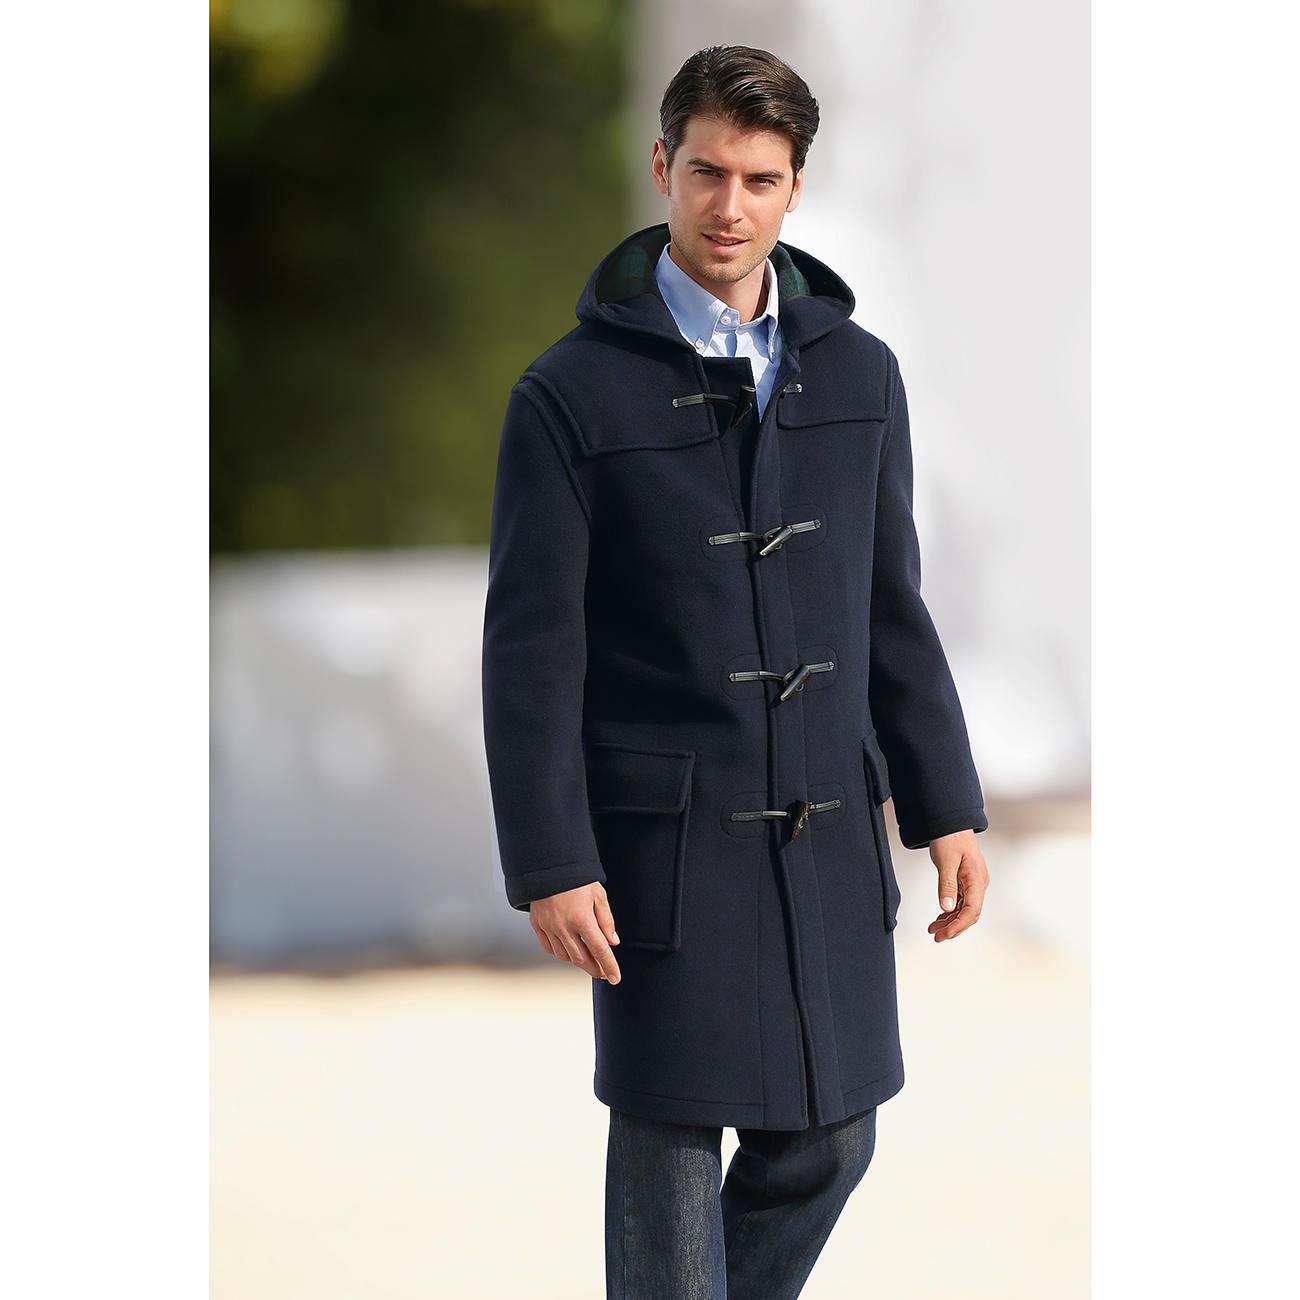 Acheter Manteau « duffle-coat » Gloverall en ligne pas cher